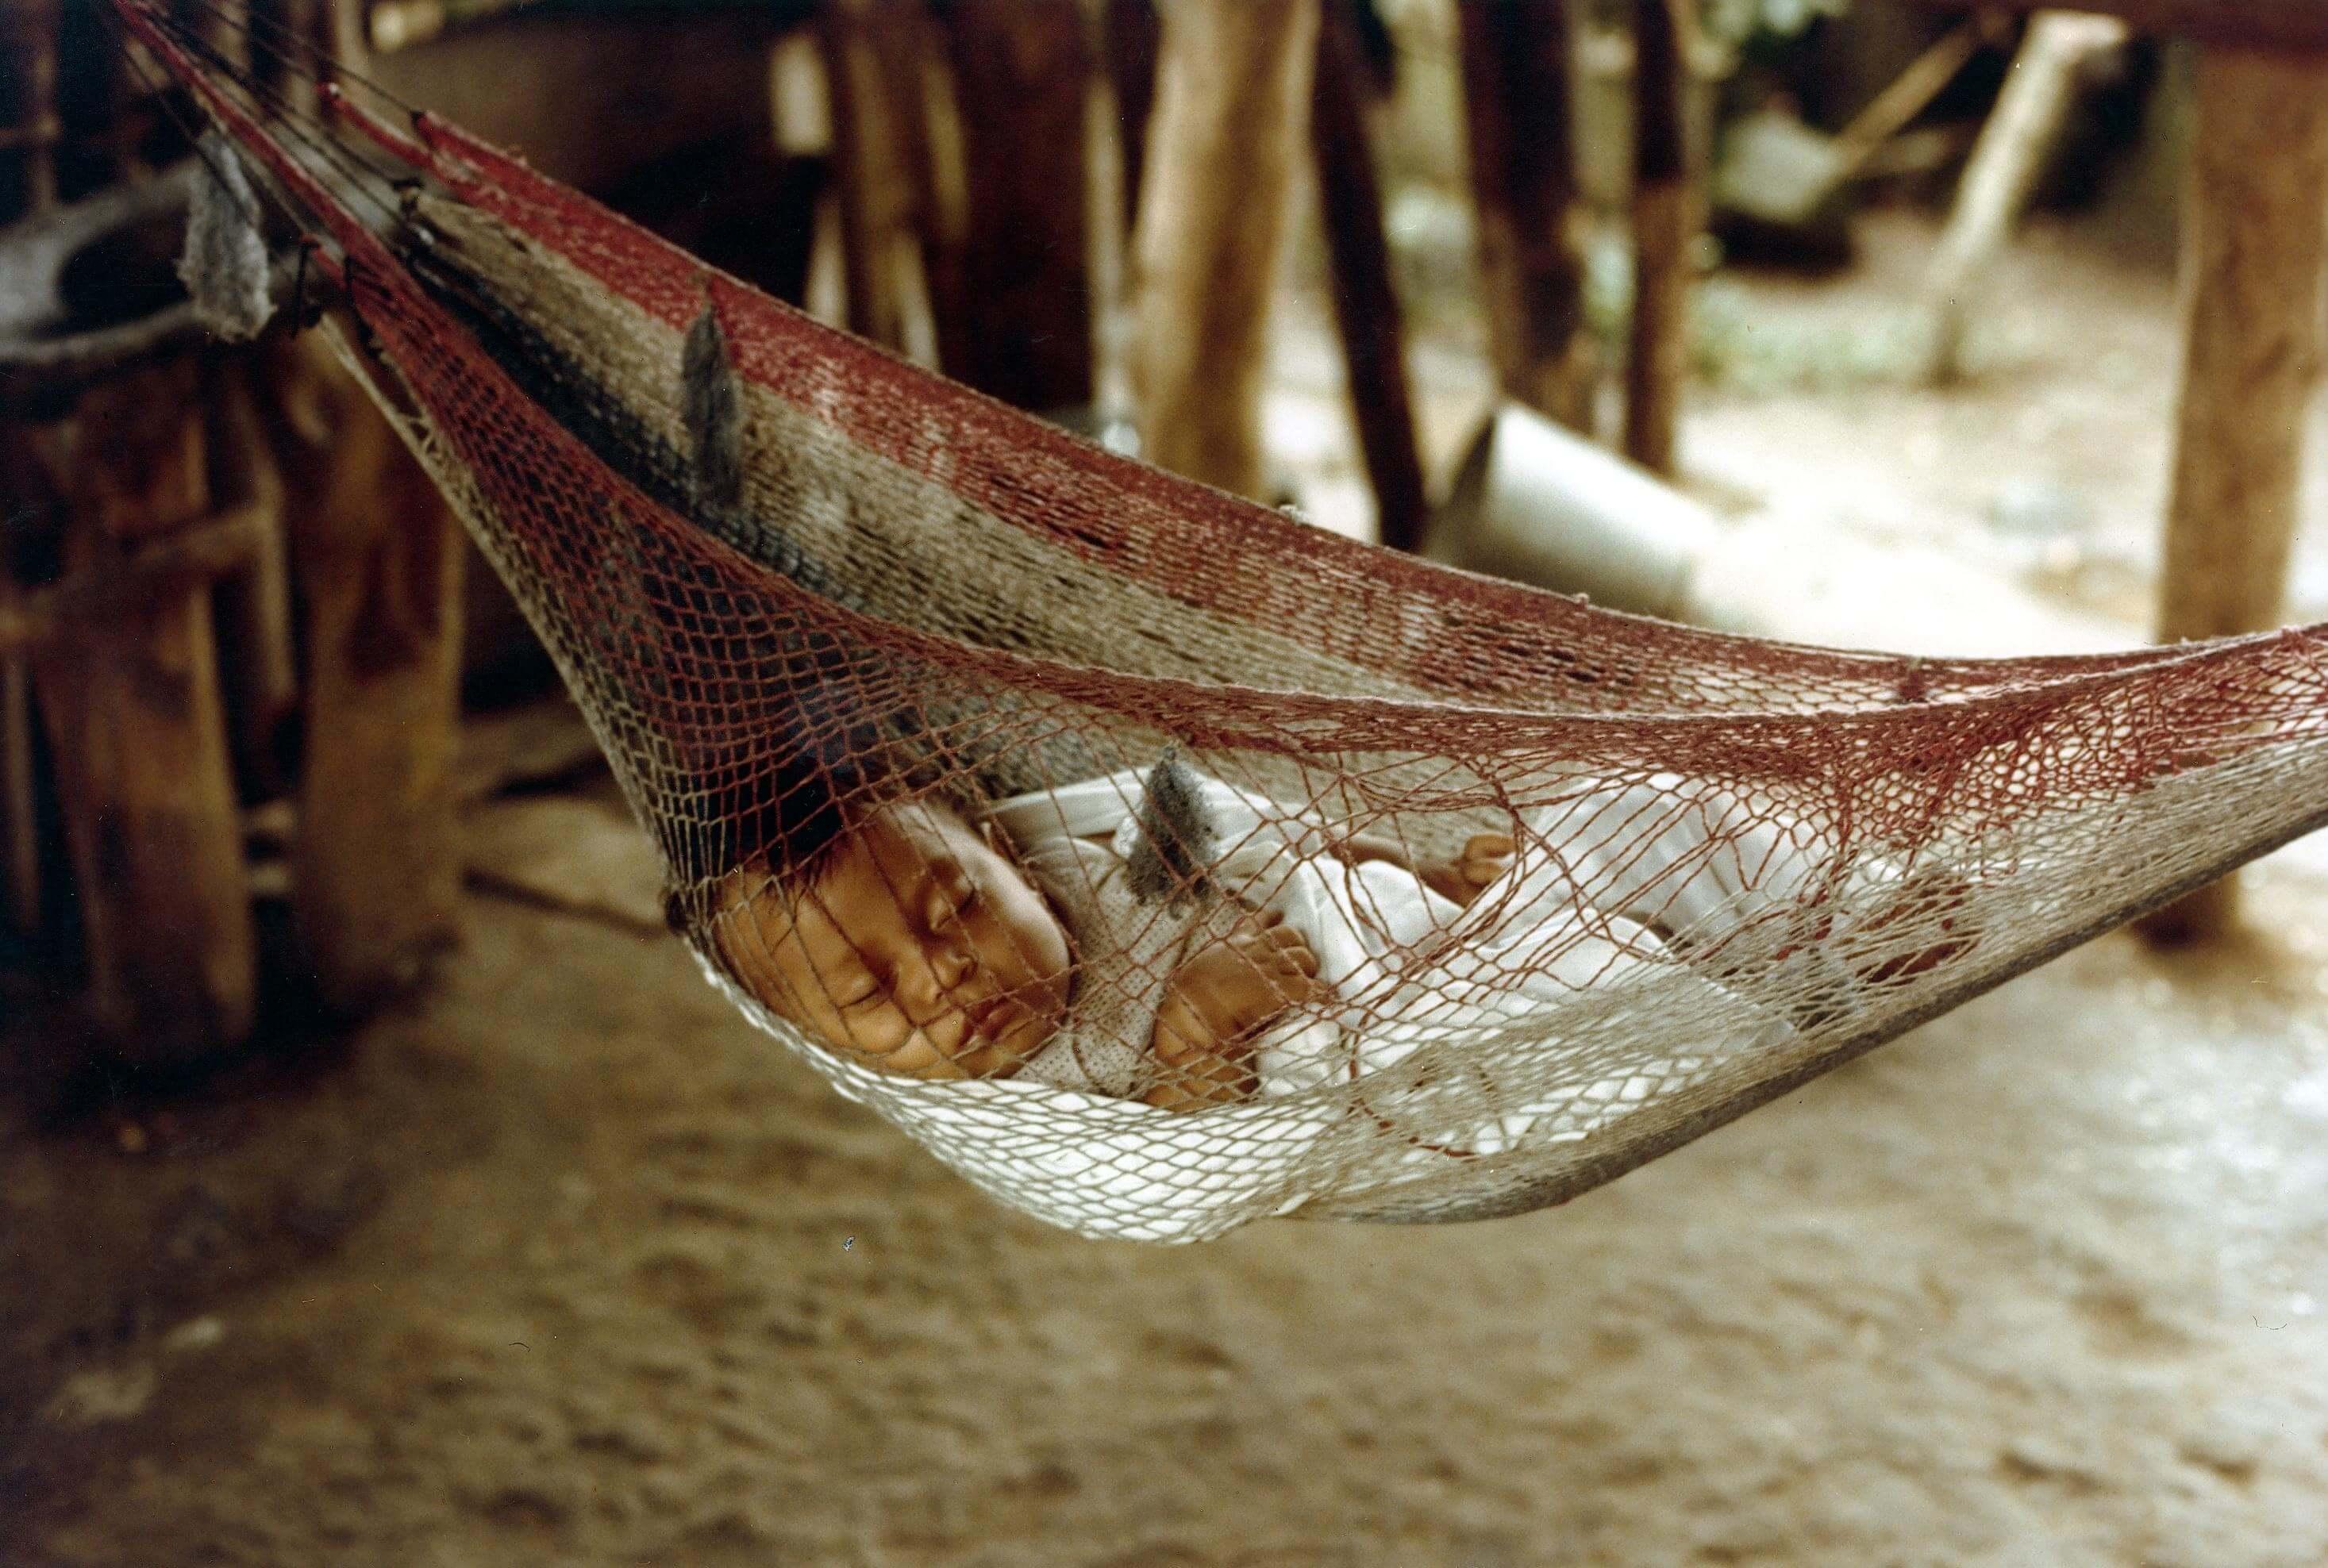 ハンモックで眠るホンデュラスの赤ちゃん